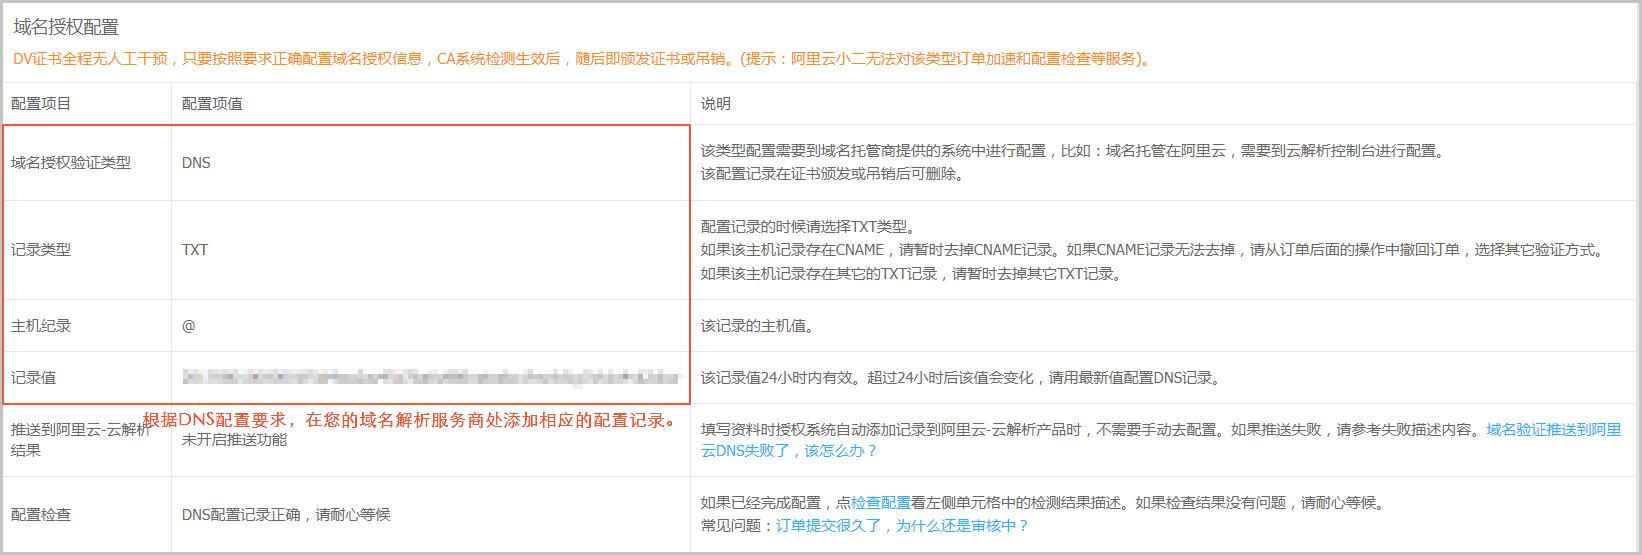 DNS域名授权配置样例